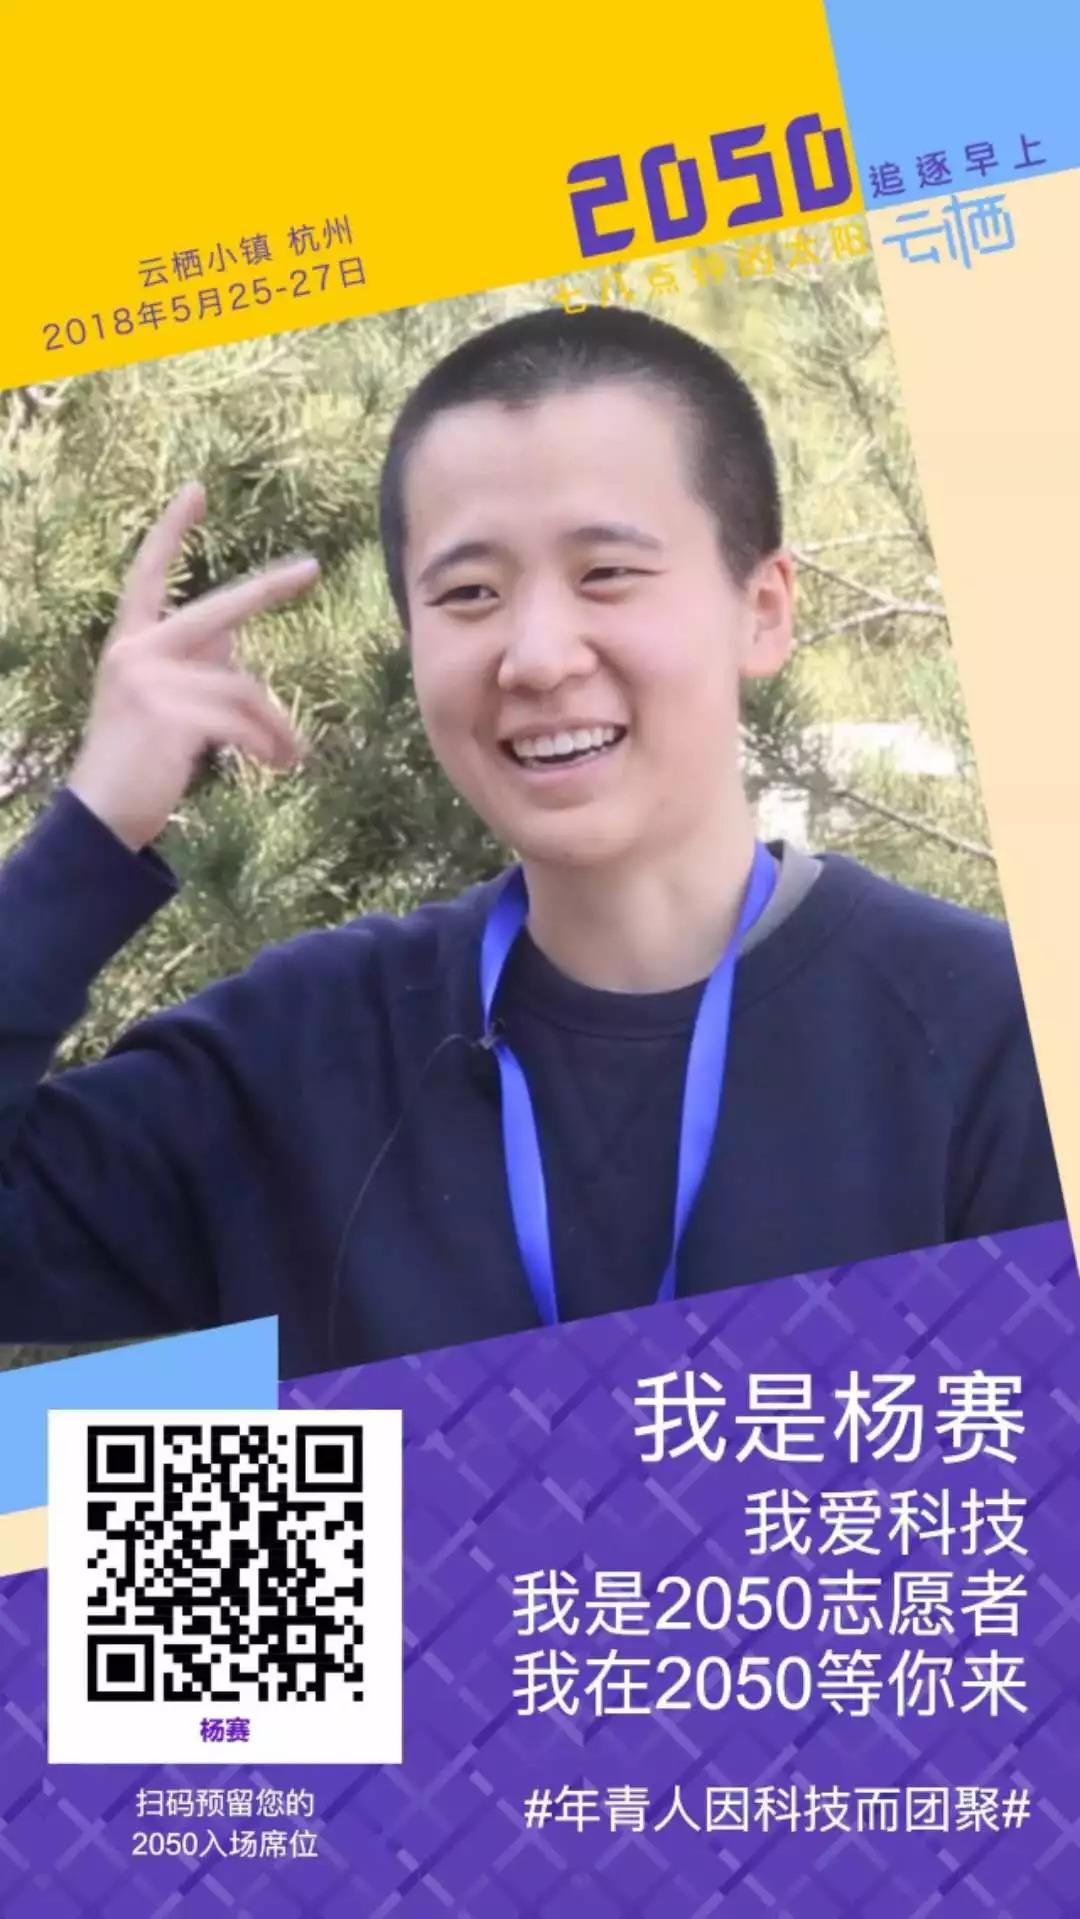 2050生长记 | 影像接龙-杨赛:我相信团聚的美好,因为美好早已砸中了我